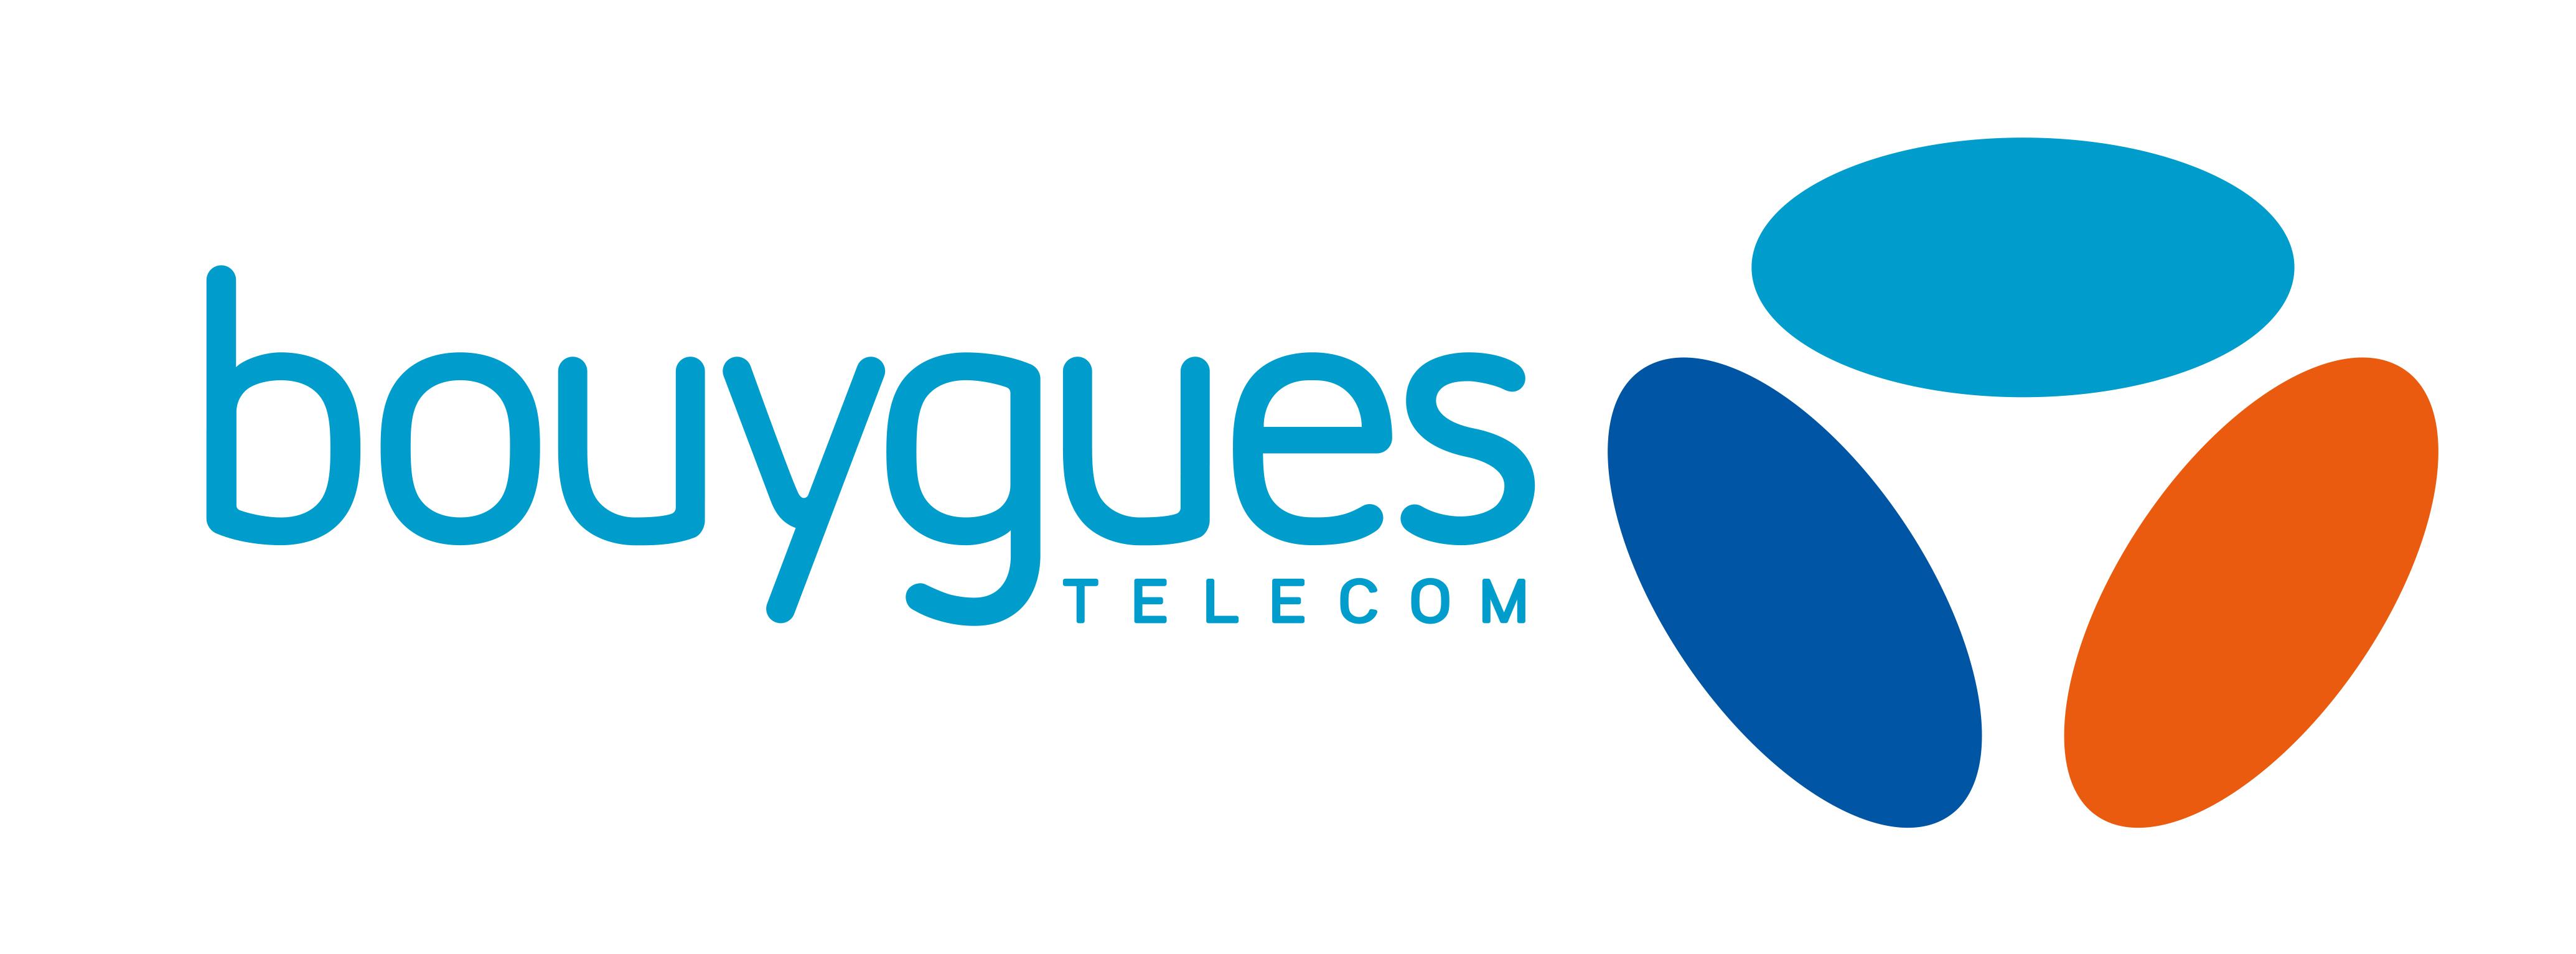 La Vowifi Est Desormais Disponible Sur Iphone Chez Bouygues Telecom